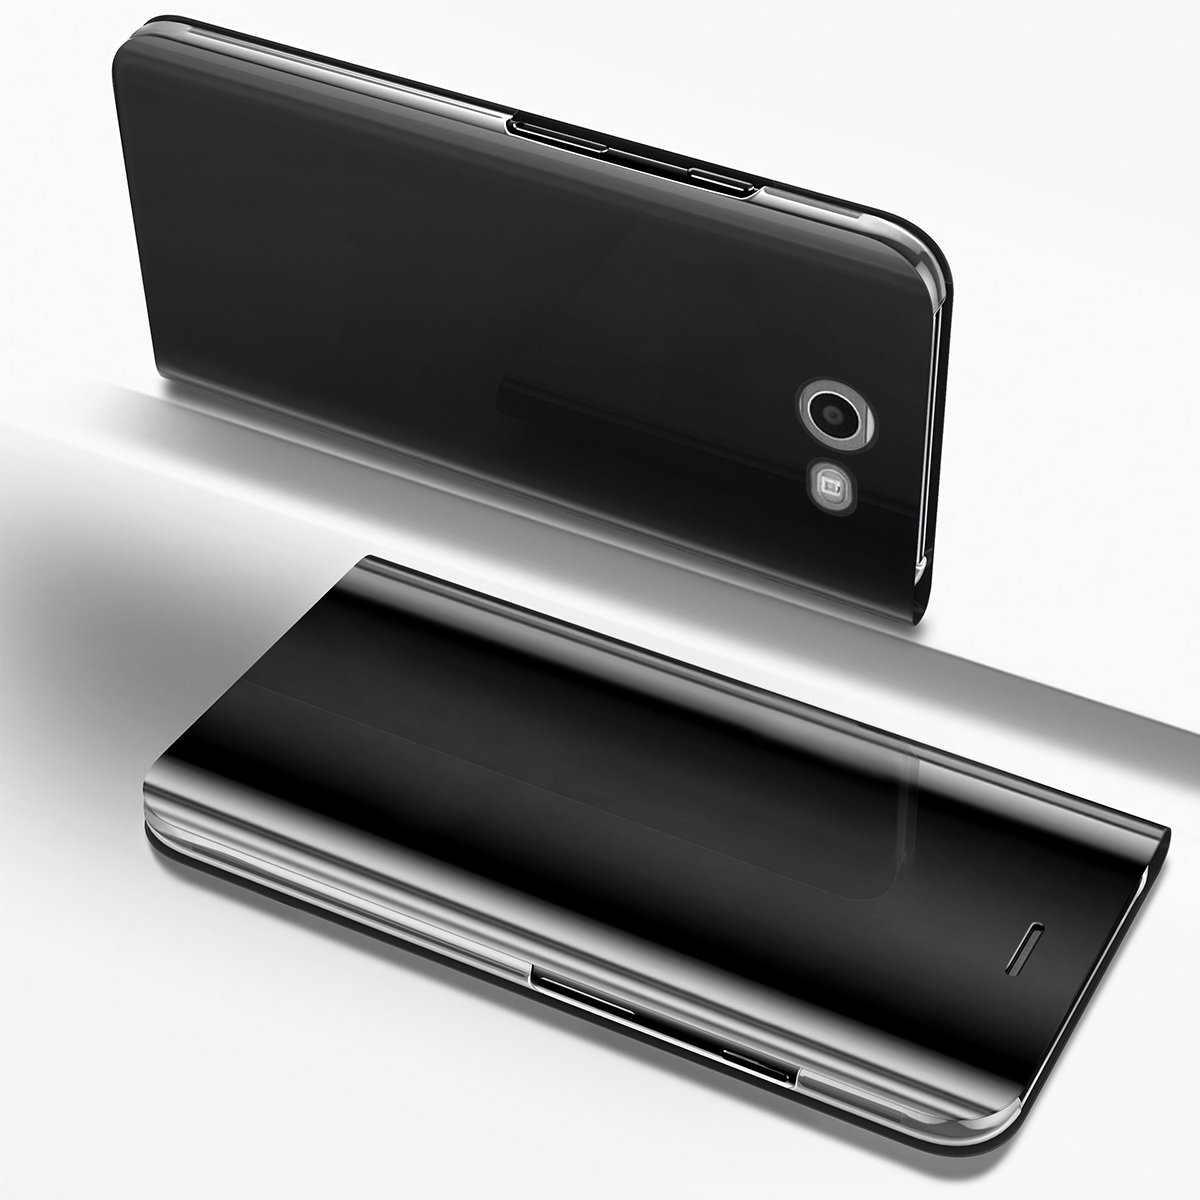 PHEZEN For Samsung Galaxy J3 Emerge/J3 Prime/J3 Mission/J3 Eclipse/J3 2017/J3 Luna Pro/Sol 2/Amp Prime 2/Express Prime 2 Case, Luxury Mirror Makeup Case PU Leather Flip Folio Wallet Case (Black)